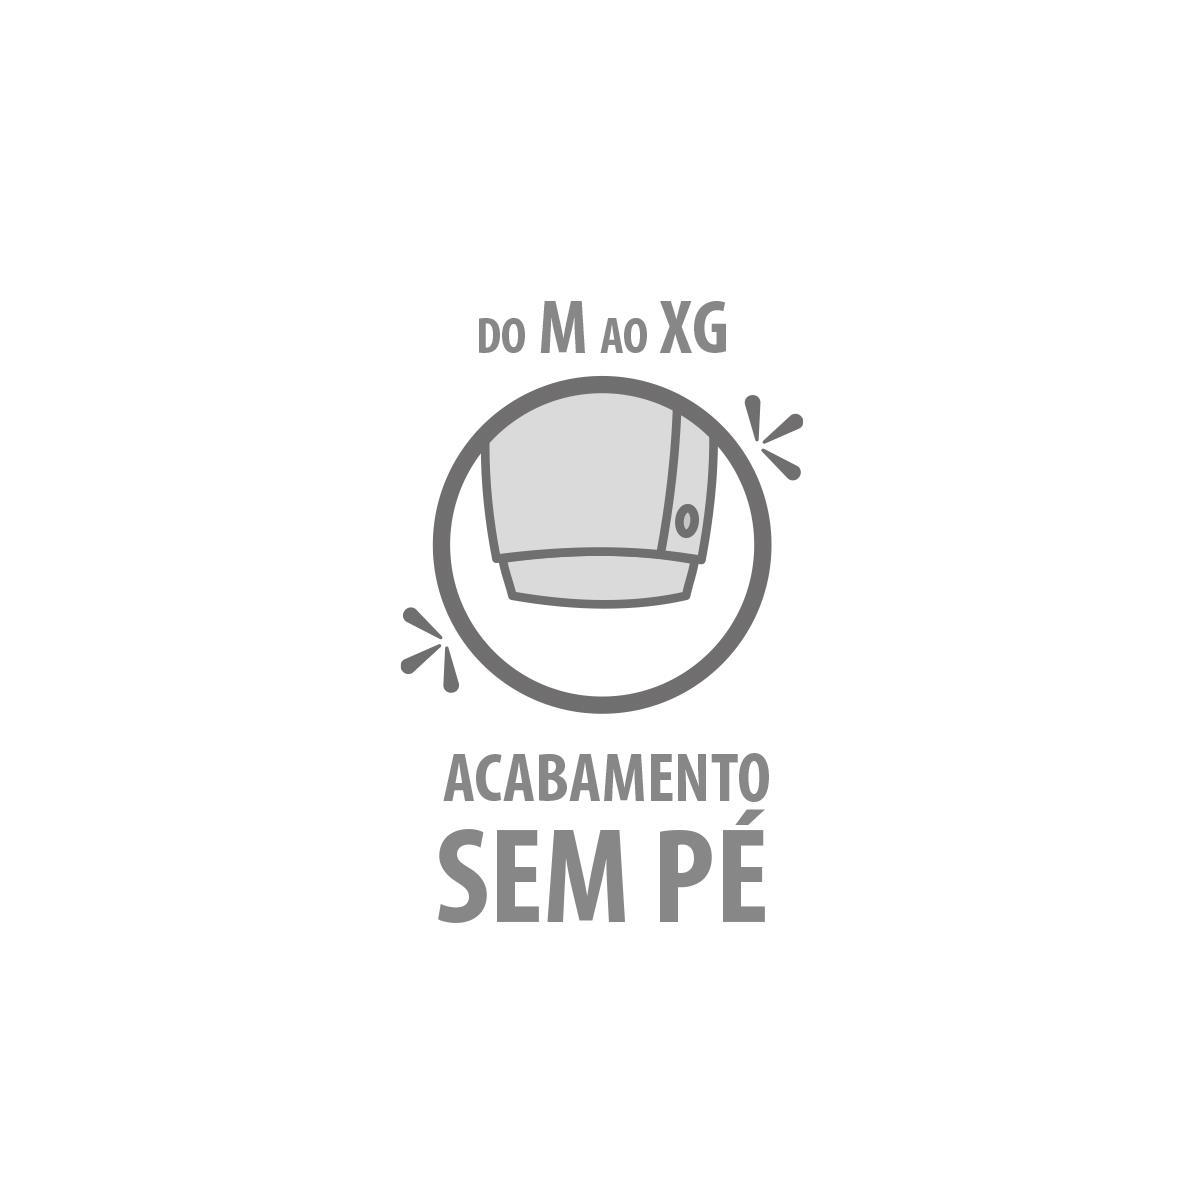 Macacão Plush Ovelhinha Off White - Tamanhos RN e P com pezinho; M, G e XG sem pezinho  - Piu Blu